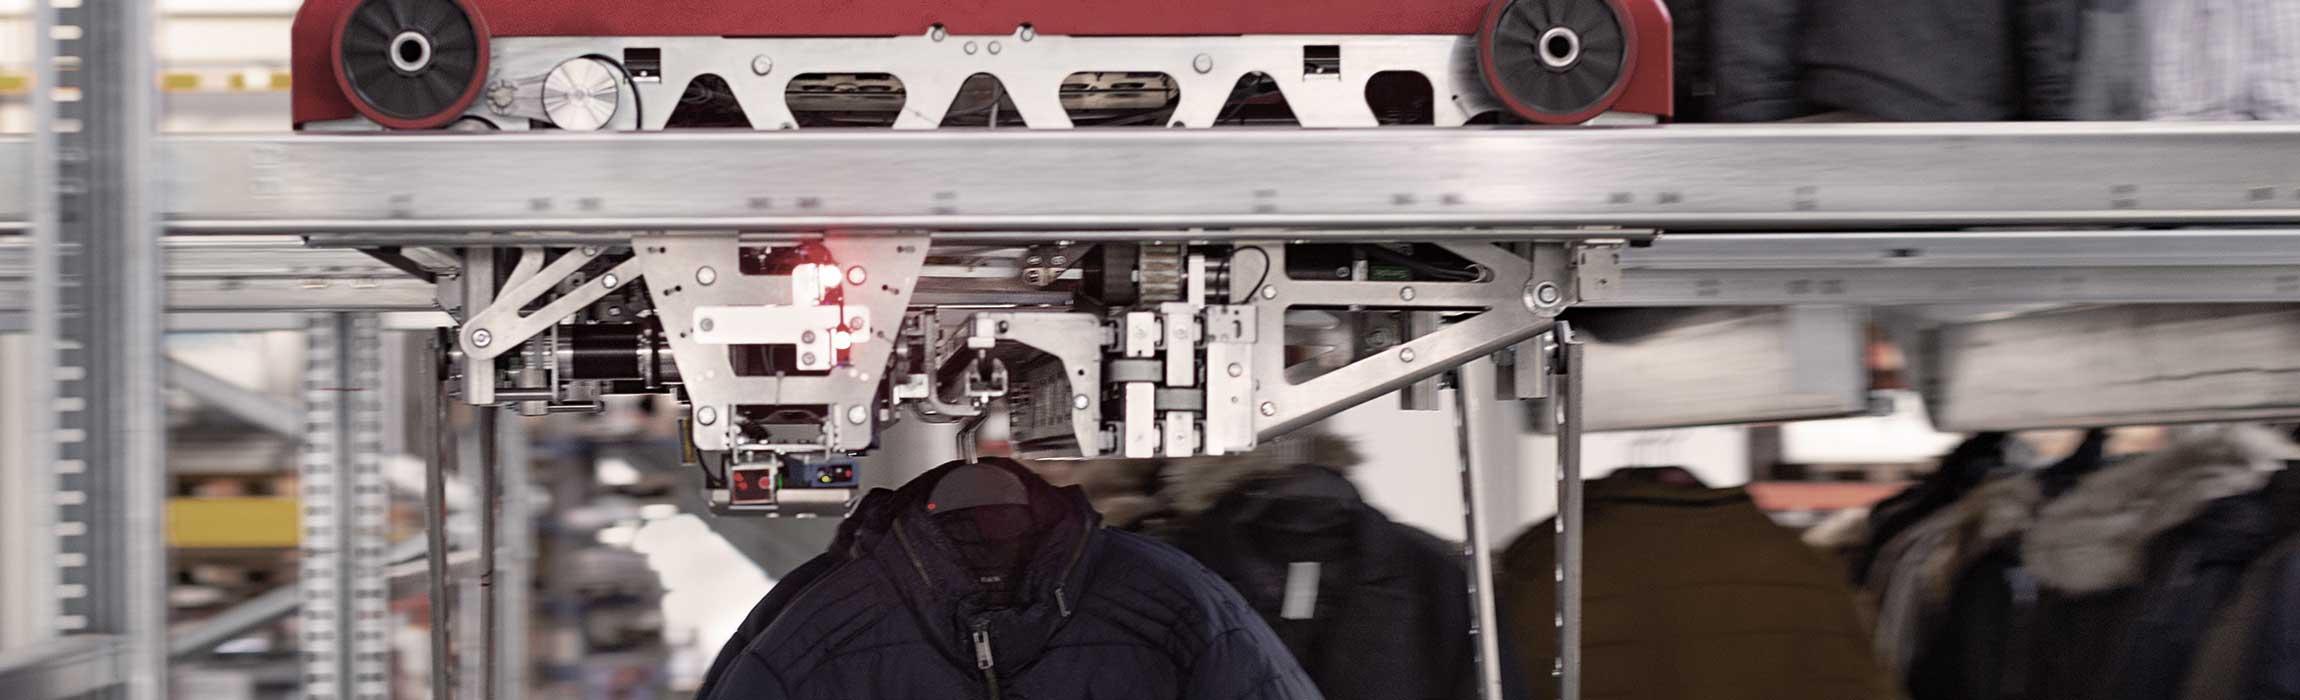 Le meilleur stockage possible de vos produits grâce à nos systèmes de stockage automatique.